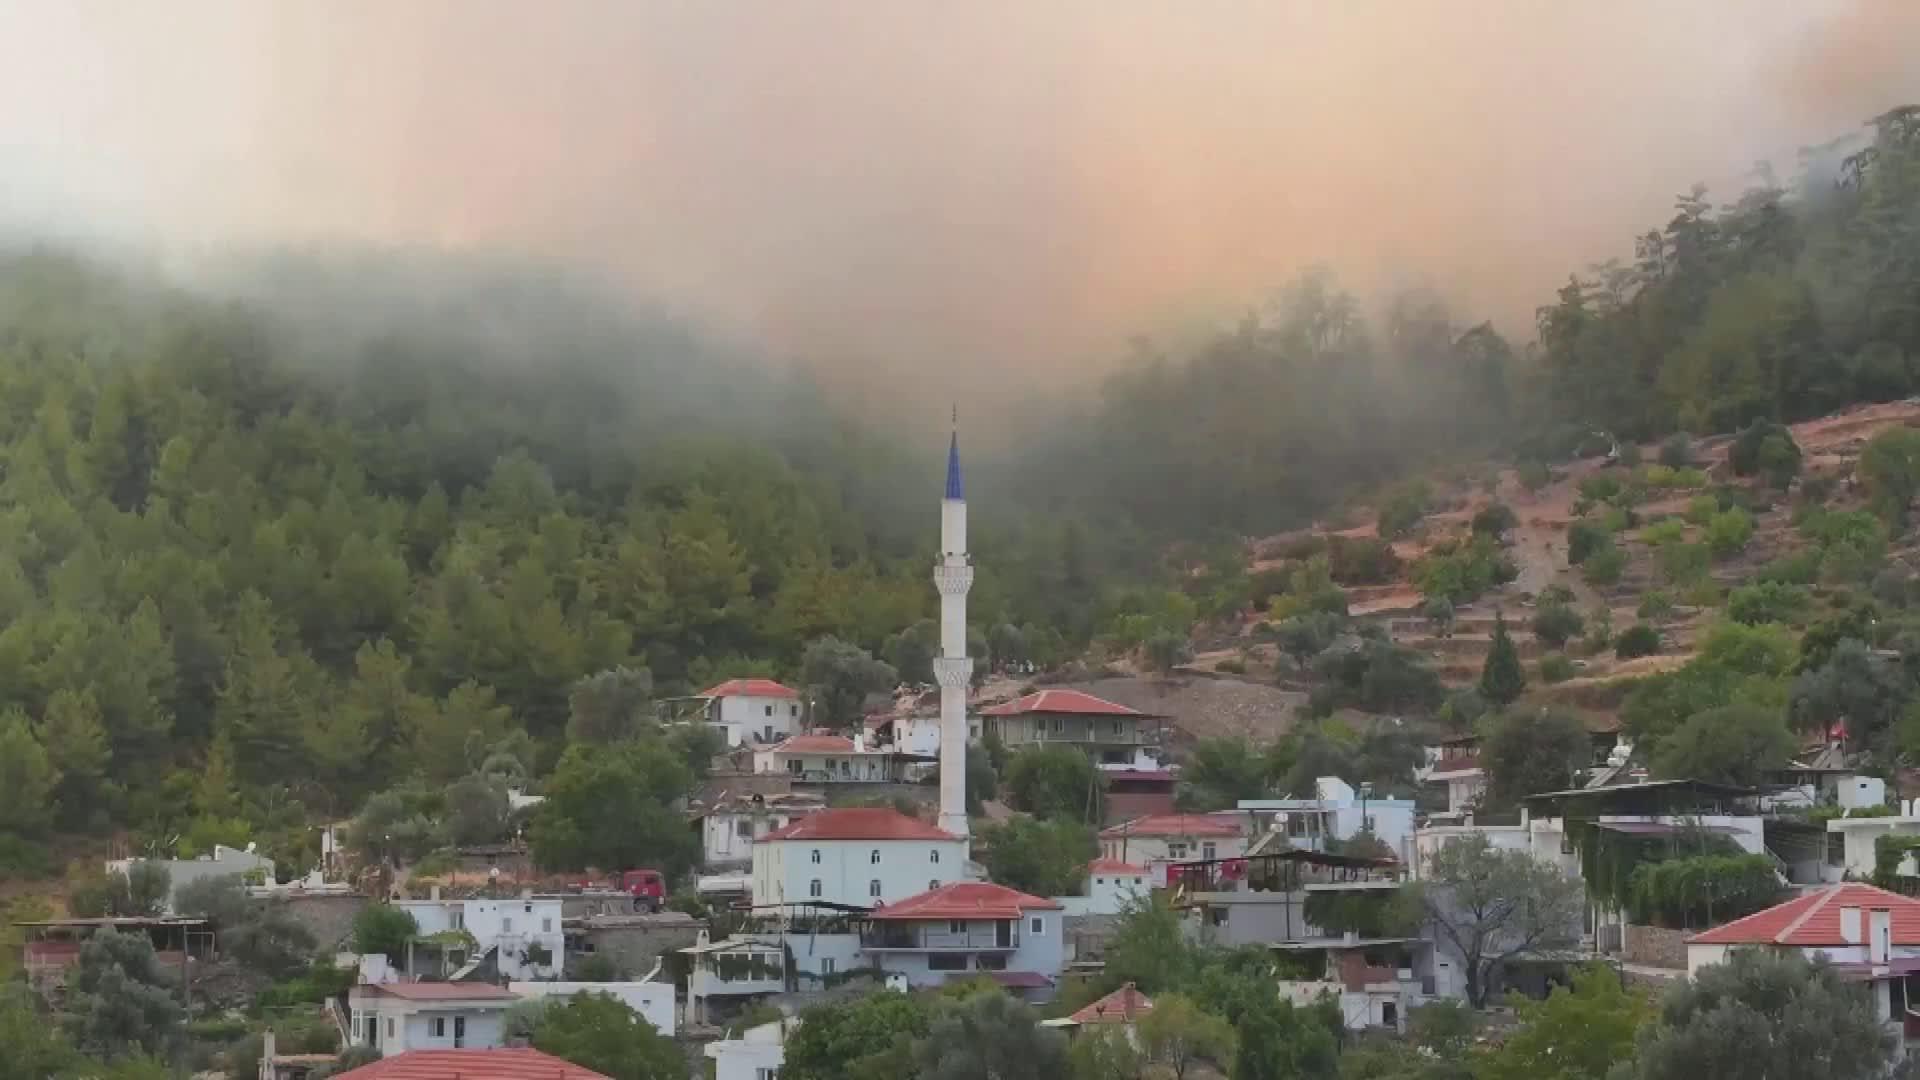 Turkissa tuli tuhosi Milasin kylän metsää - video on nopeutettu